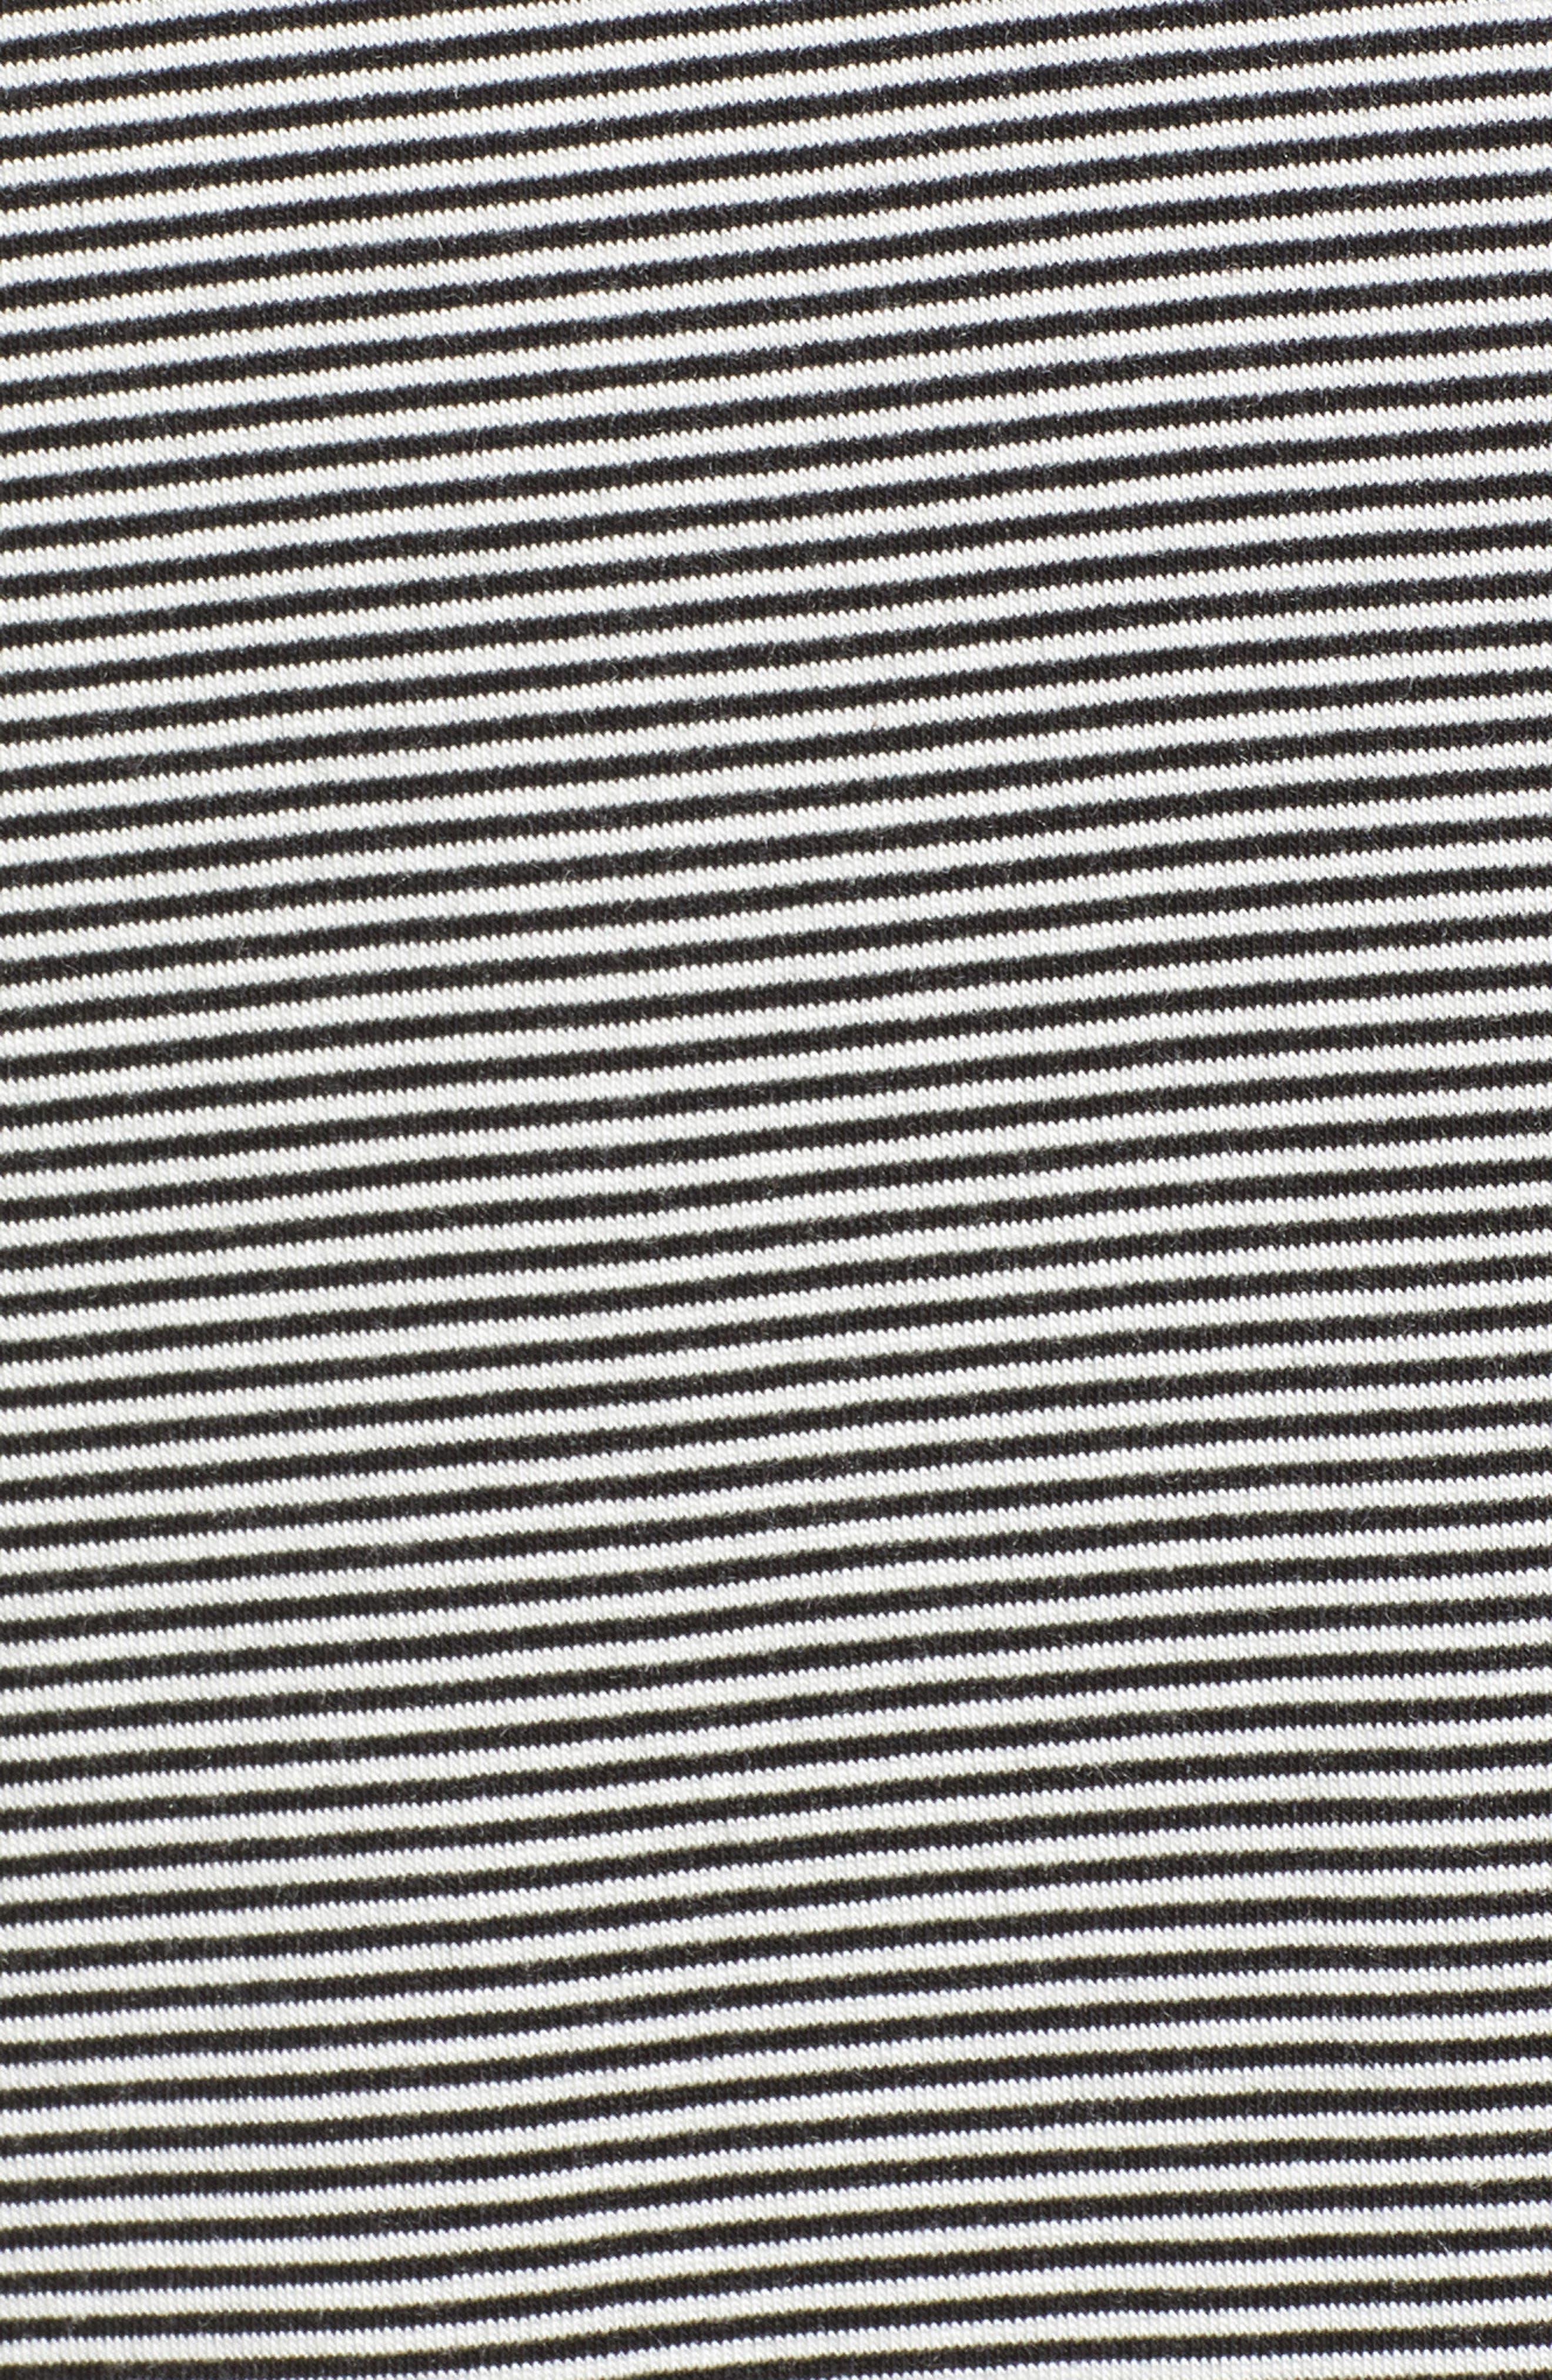 Just Like Honey Stripe Turtleneck,                             Alternate thumbnail 5, color,                             BLACK/ WHITE